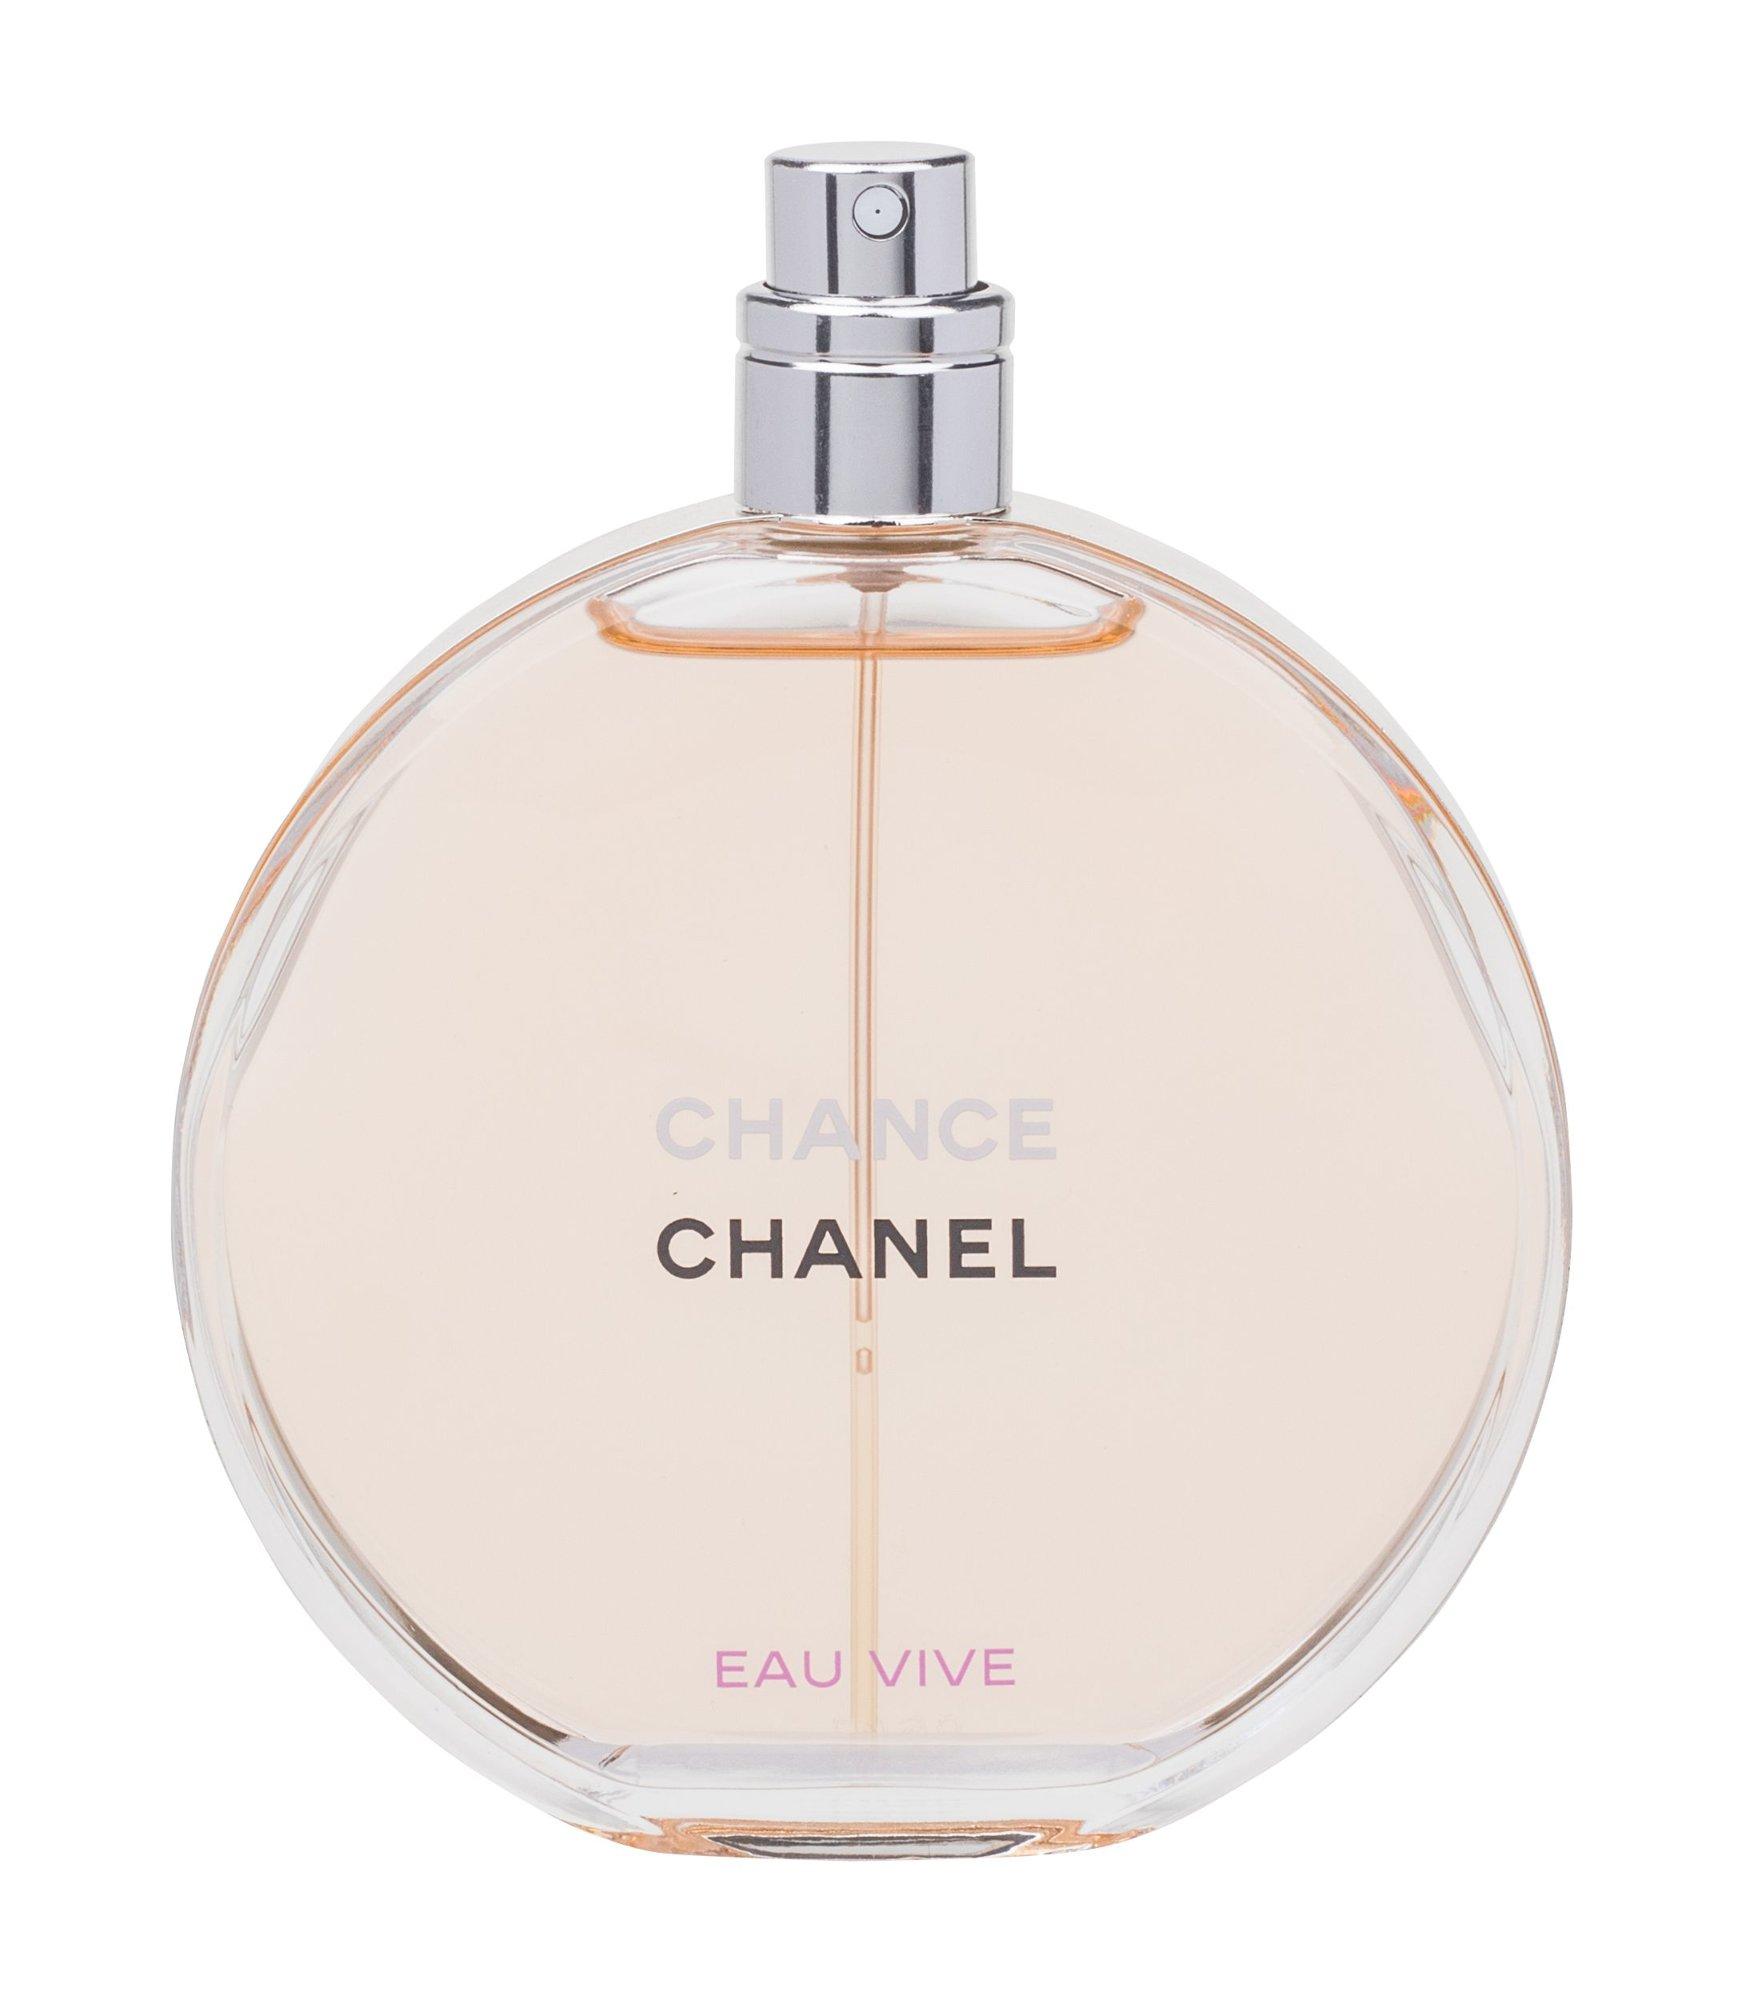 Chanel Chance EDT 100ml  Eau Vive